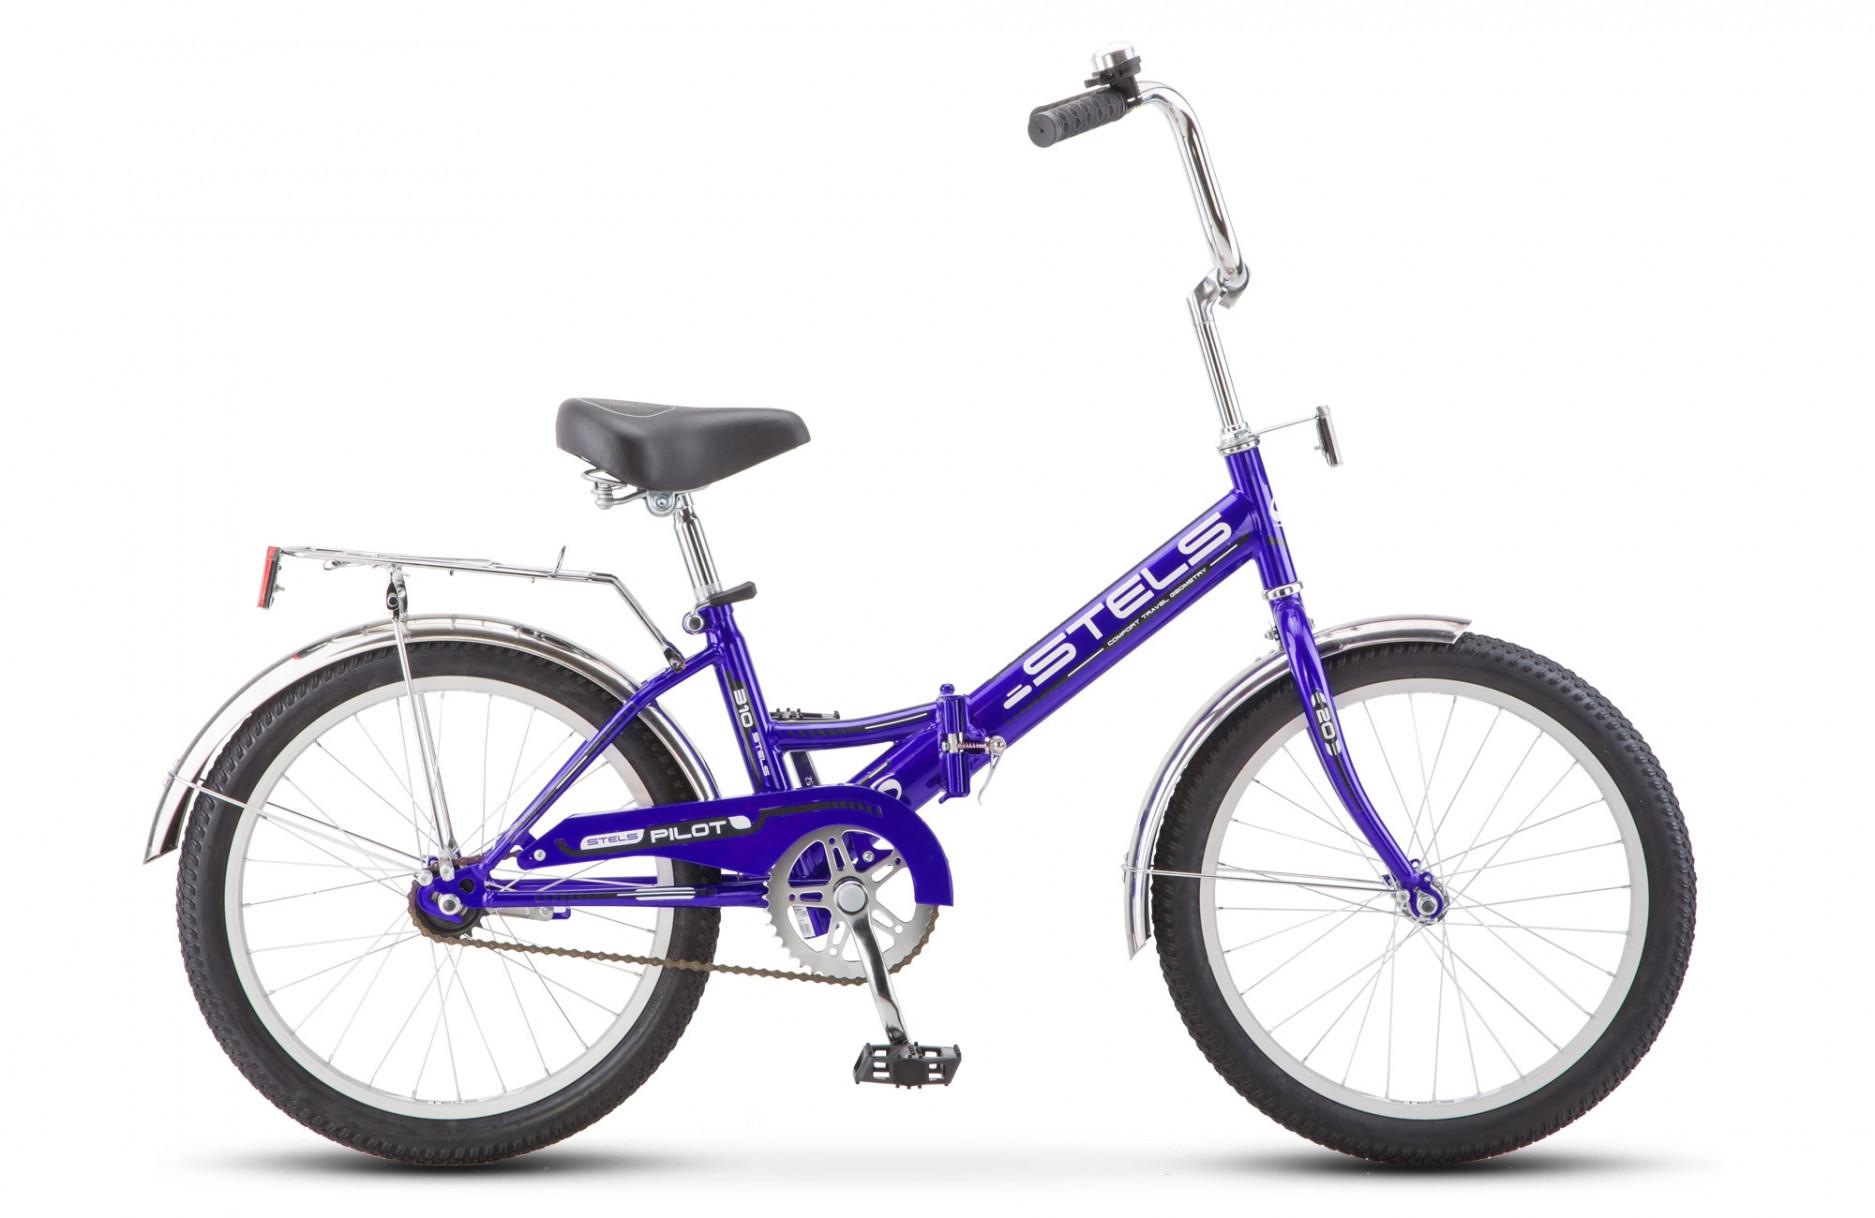 Складной велосипед Stels Pilot-310 2018 Z011 синий/черный